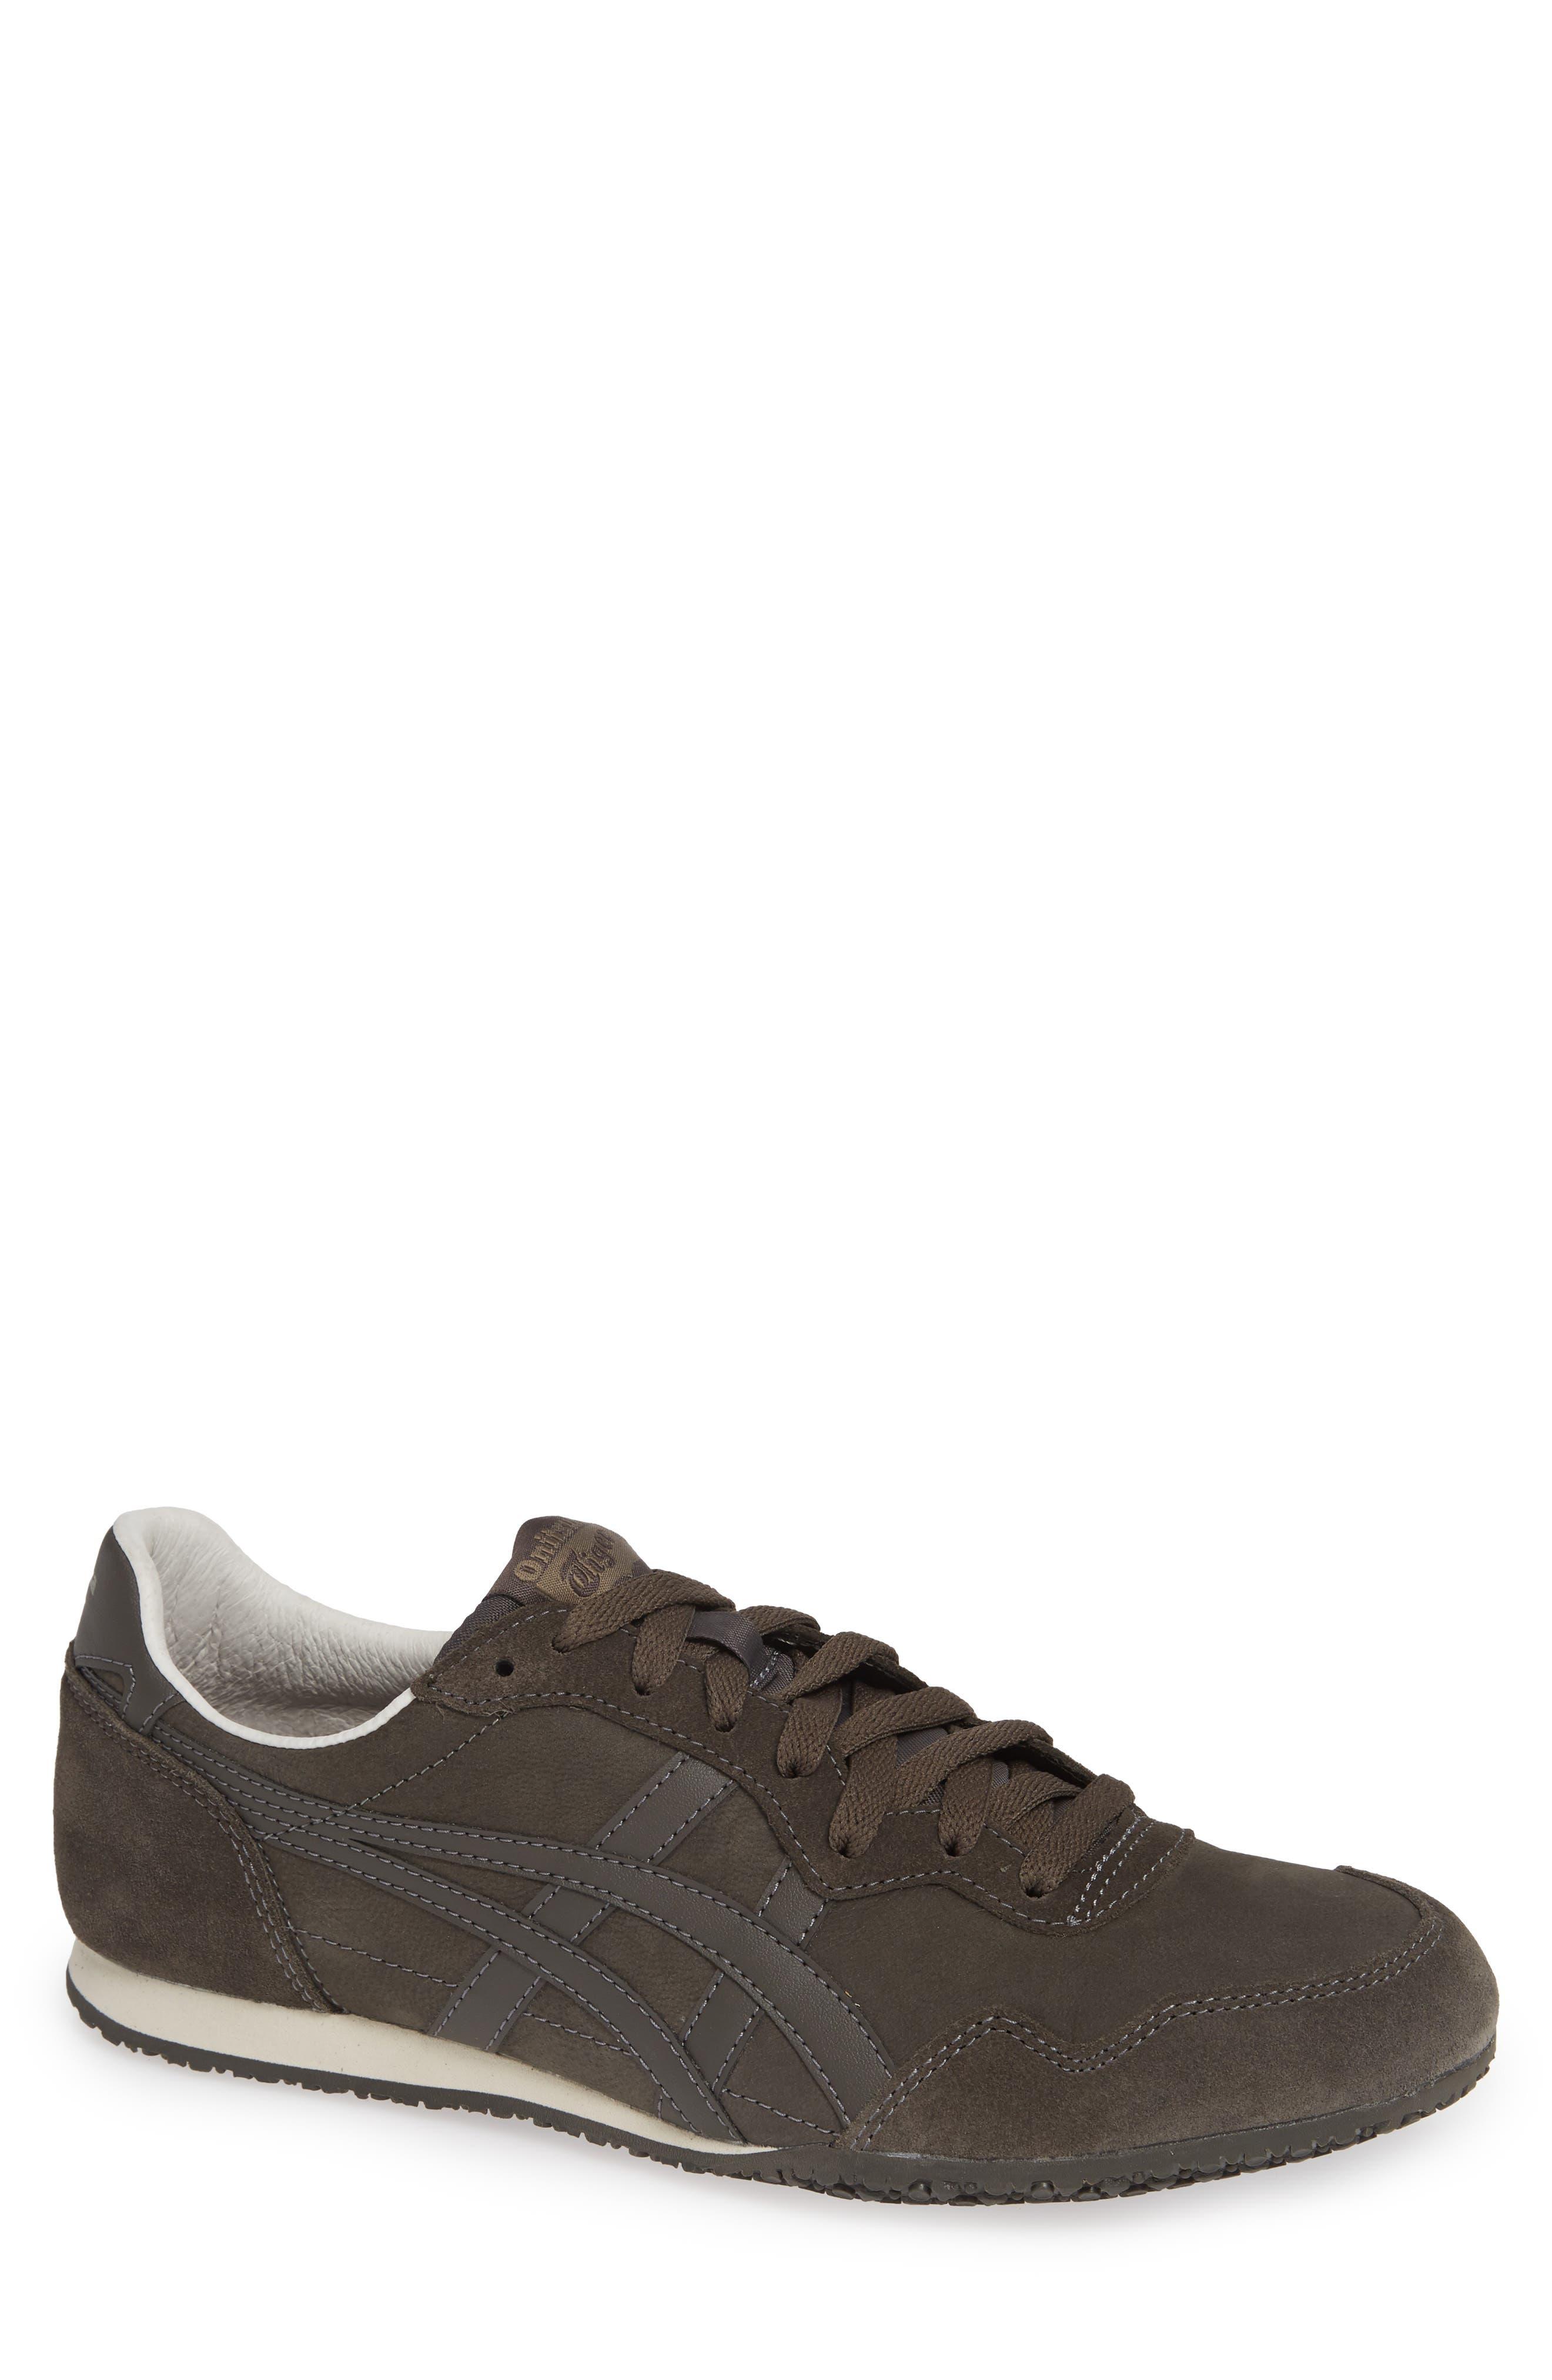 'Serrano' Sneaker,                         Main,                         color, 035